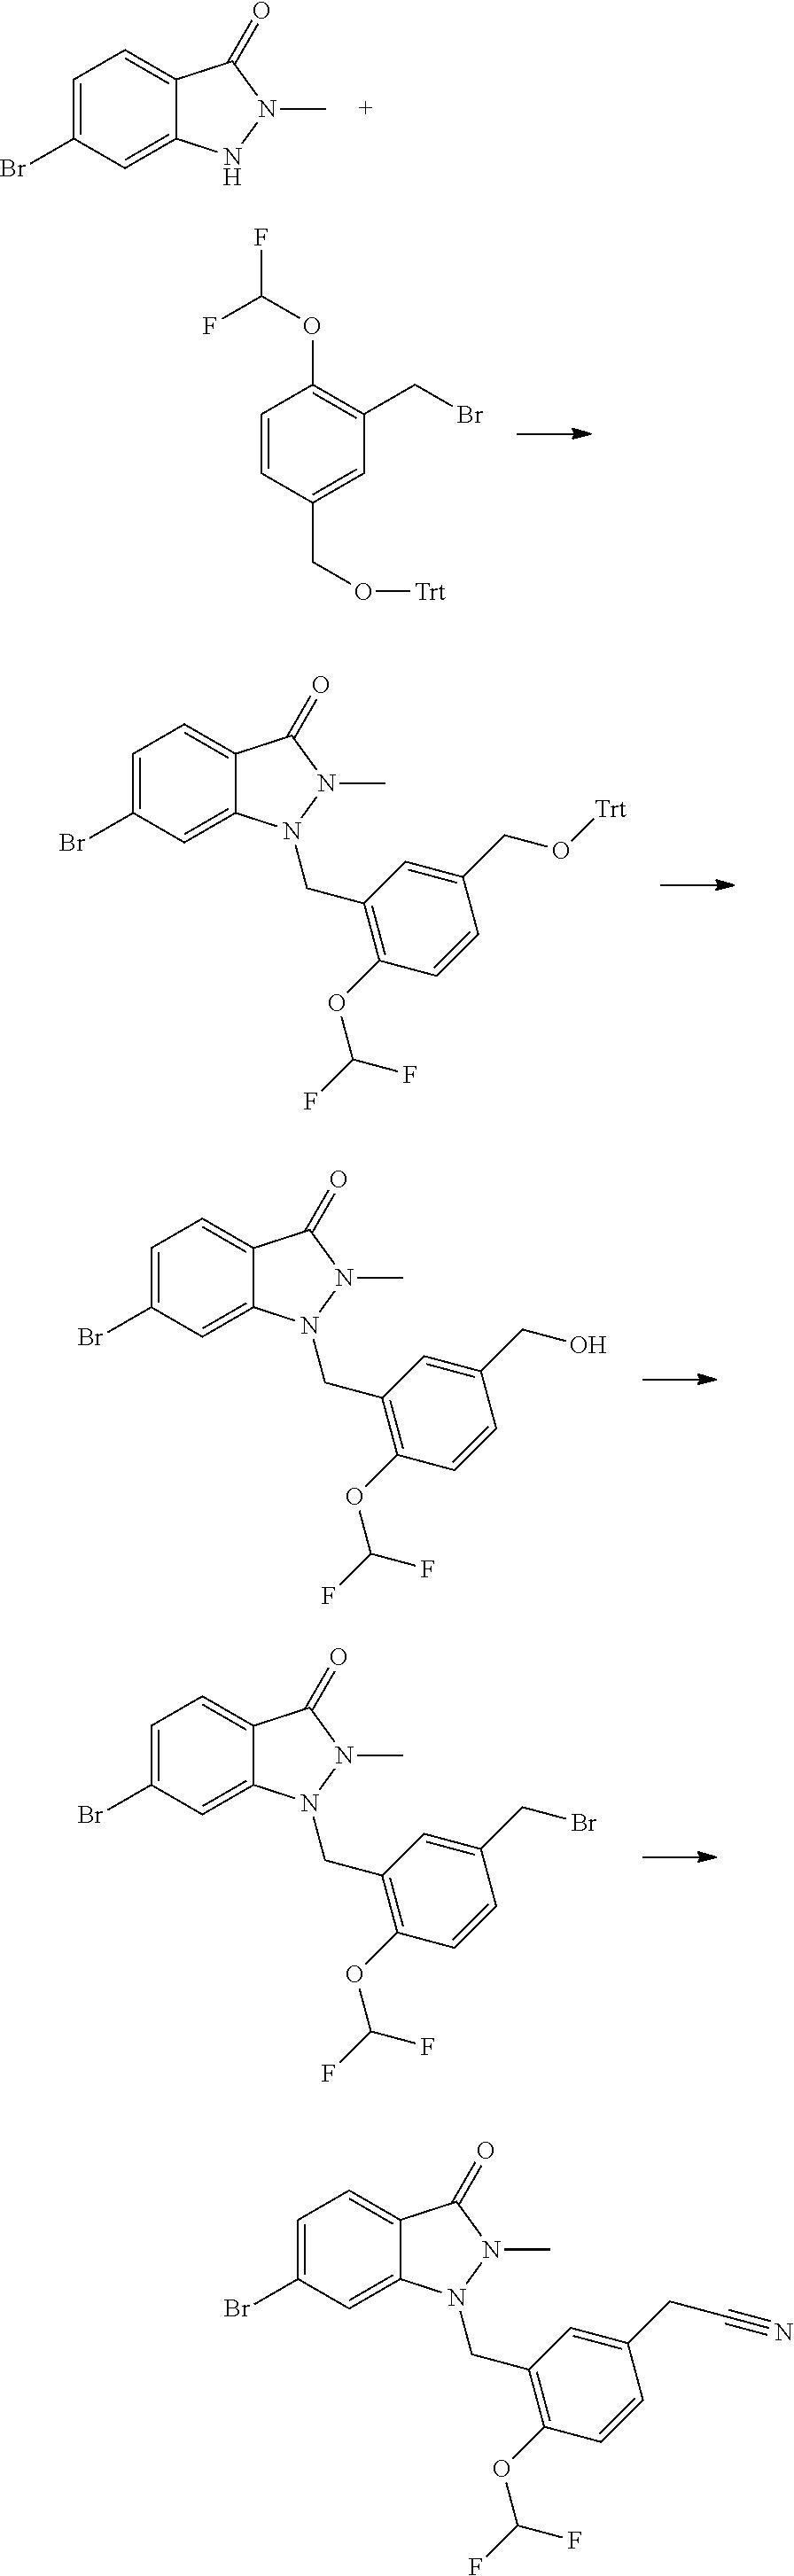 Figure US10160748-20181225-C00028